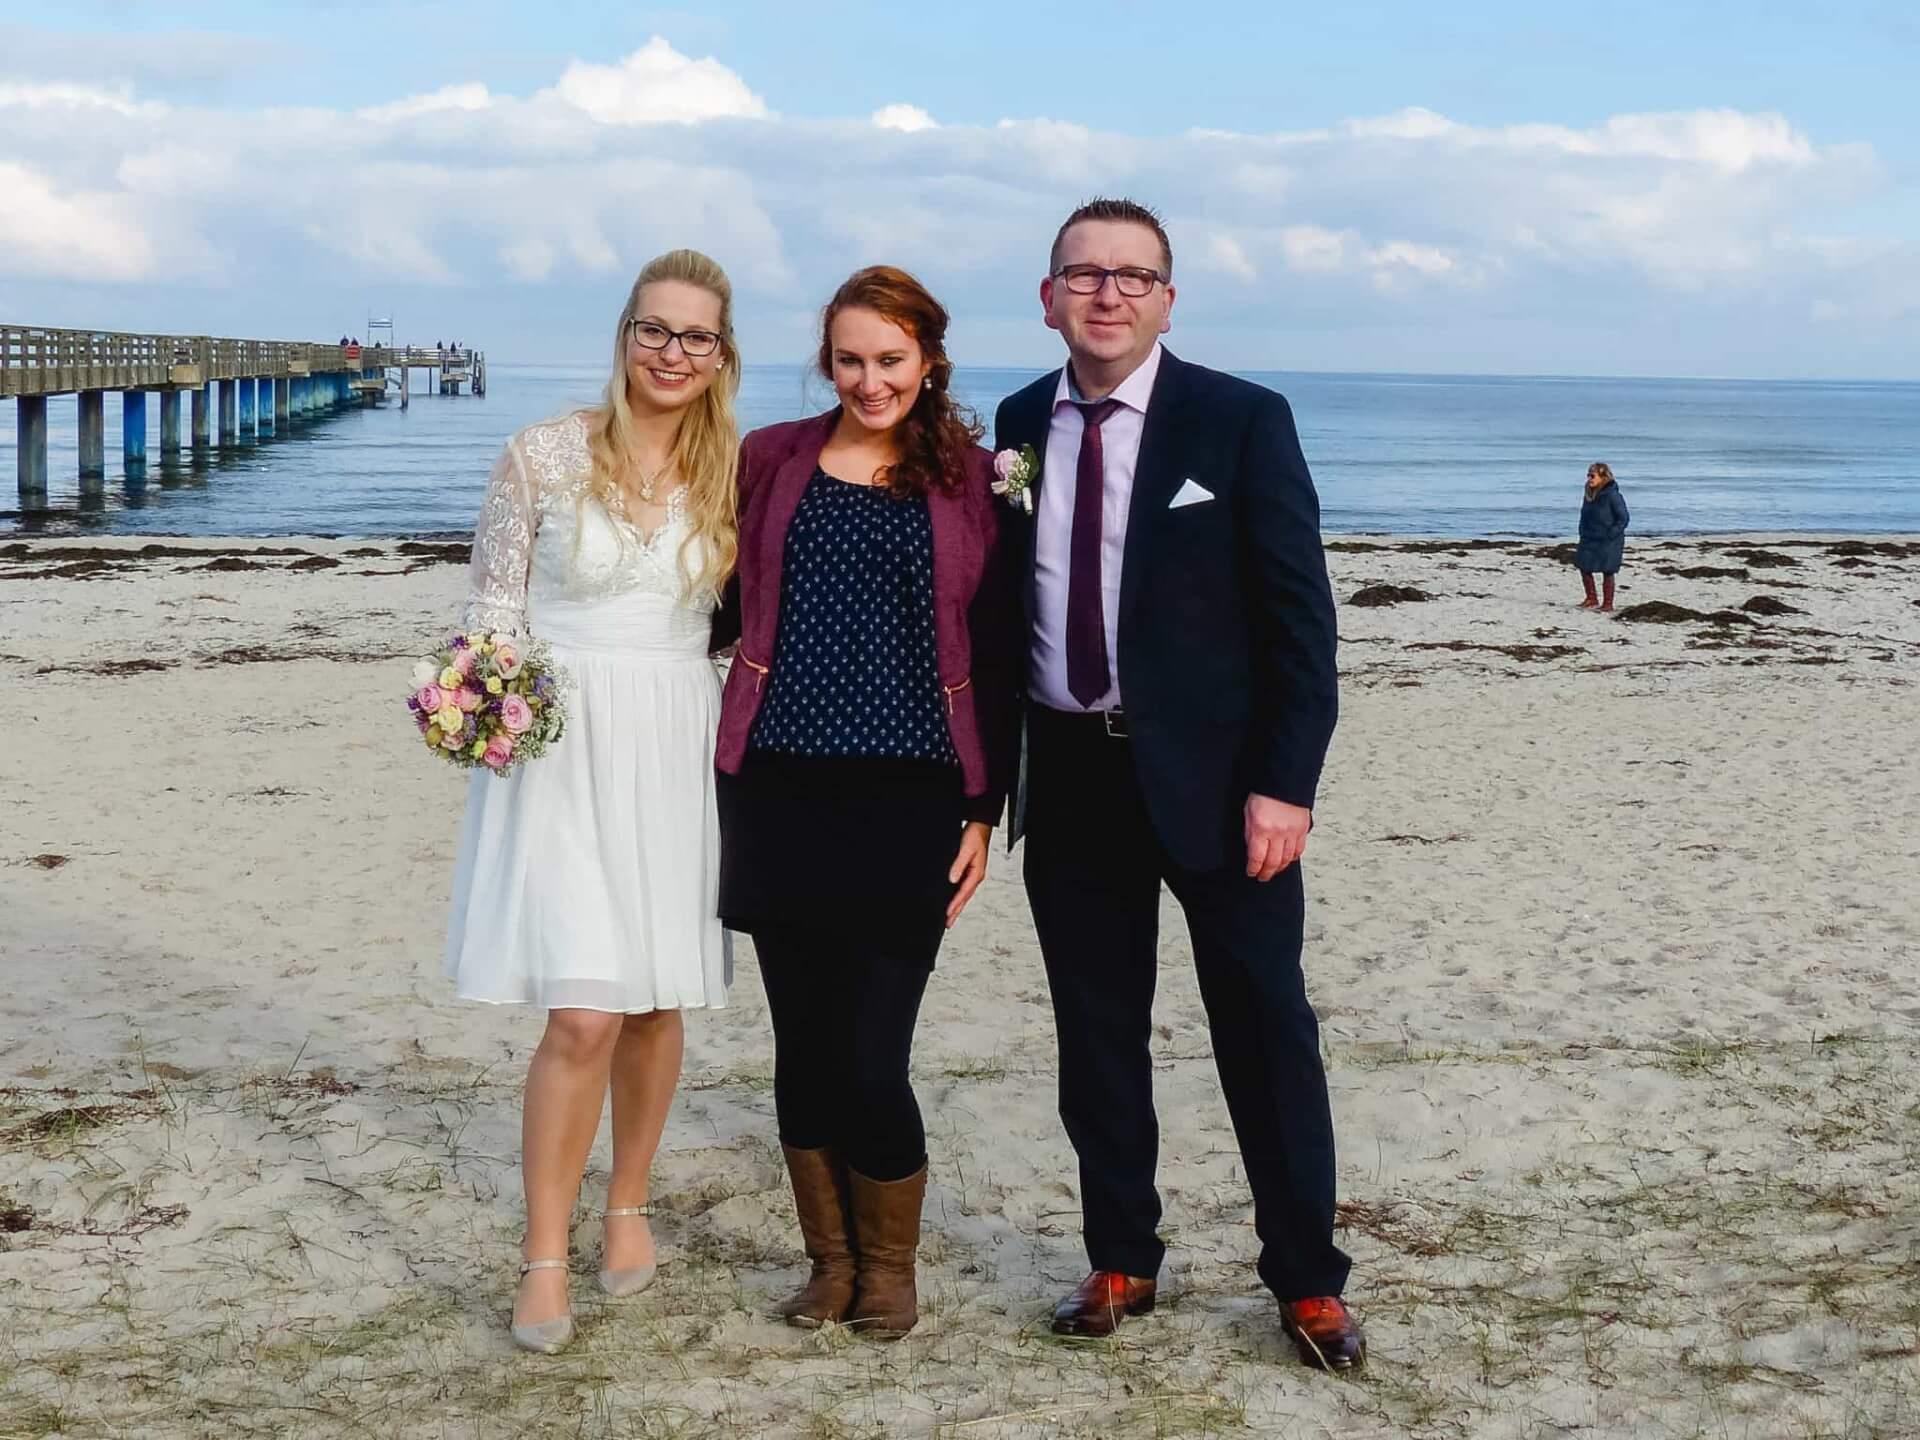 Hochzeitsfotografin zusammen mit dem Brautpaar